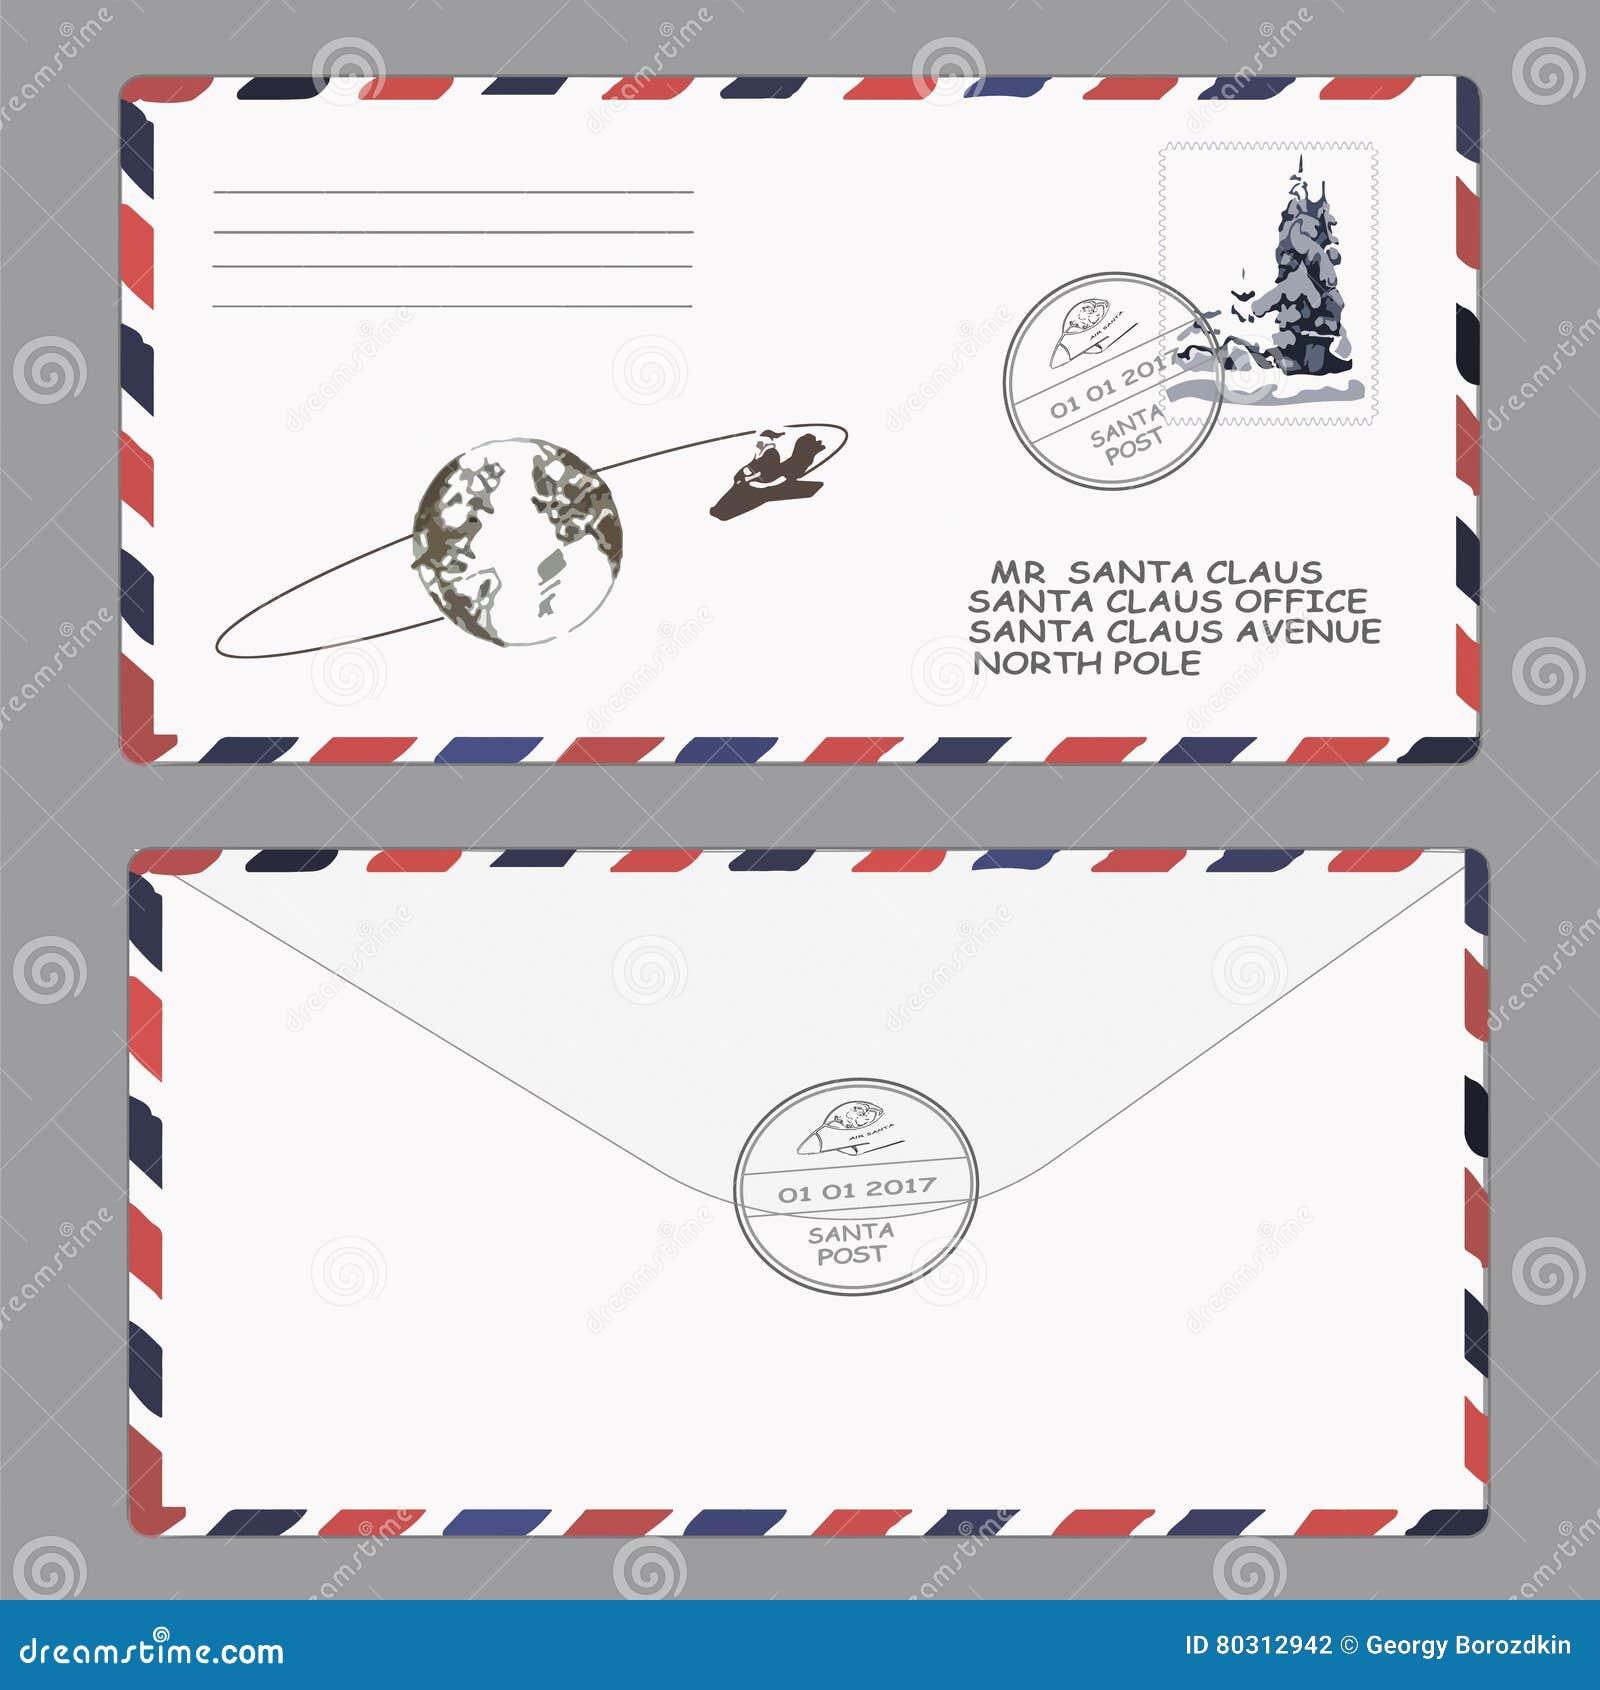 Kerstmis, Nieuwjaar Brief aan de Kerstman malplaatje, envelop, zegel Vector